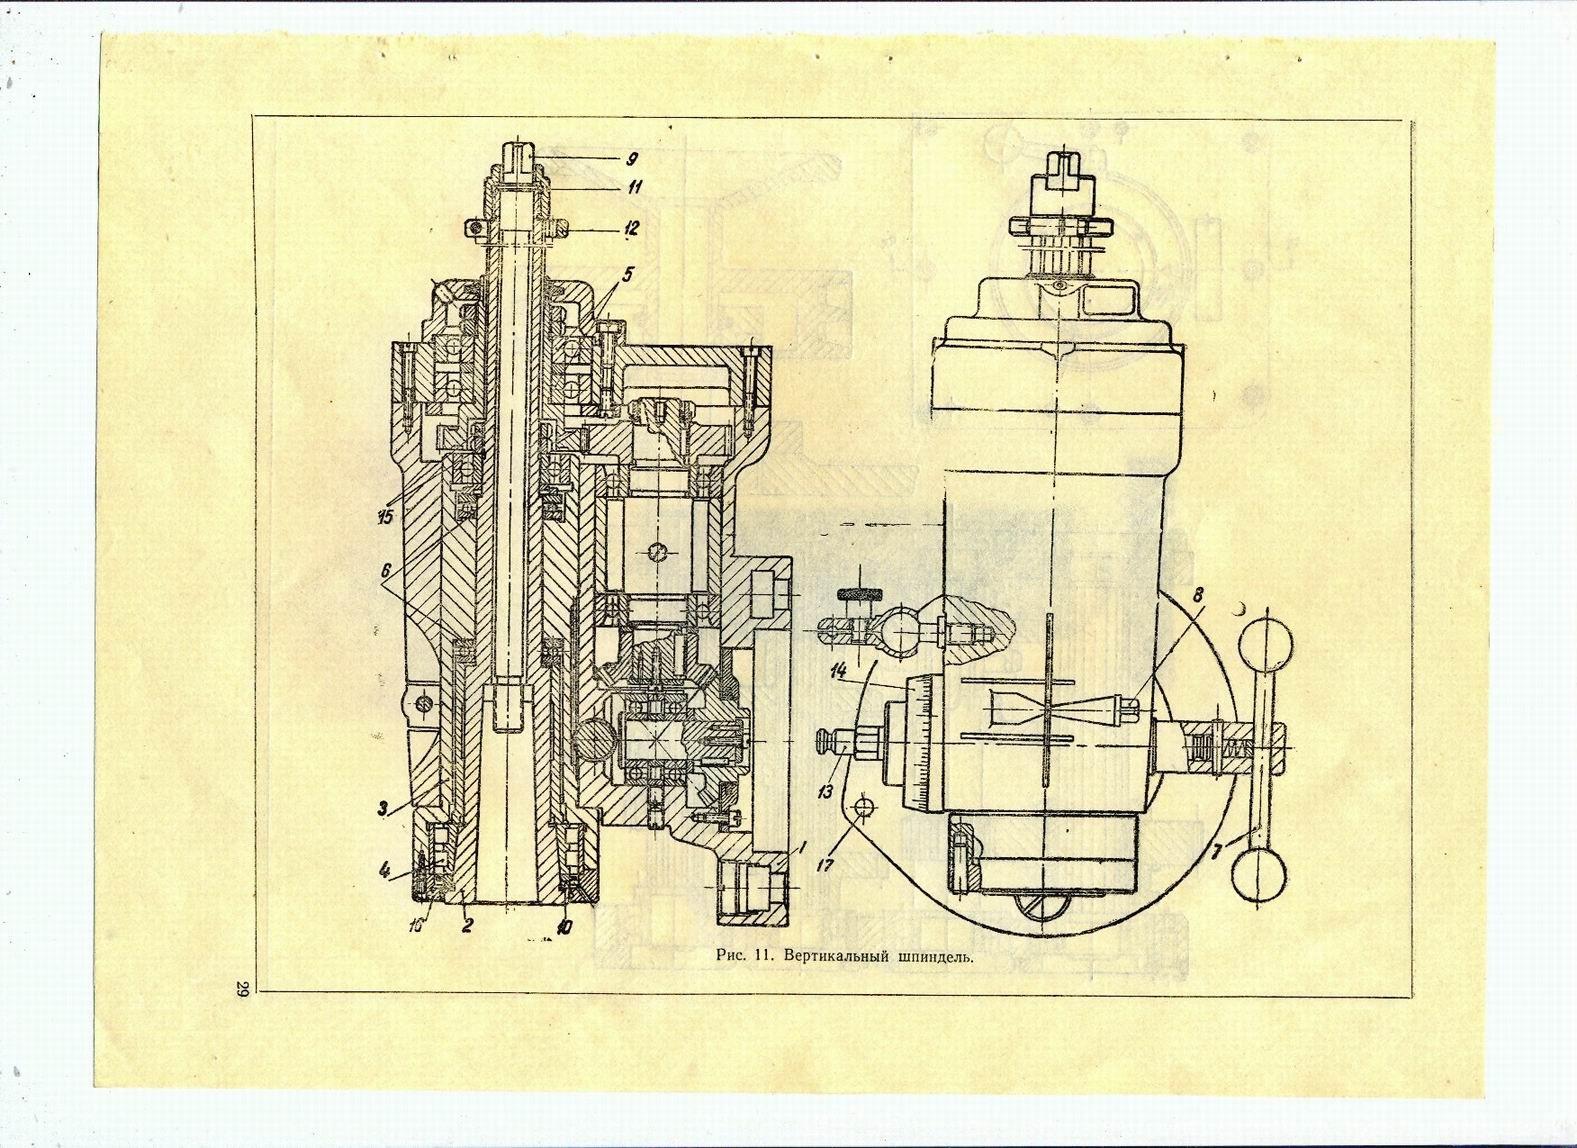 Шпиндель станка: типы, принцип работы, устройство